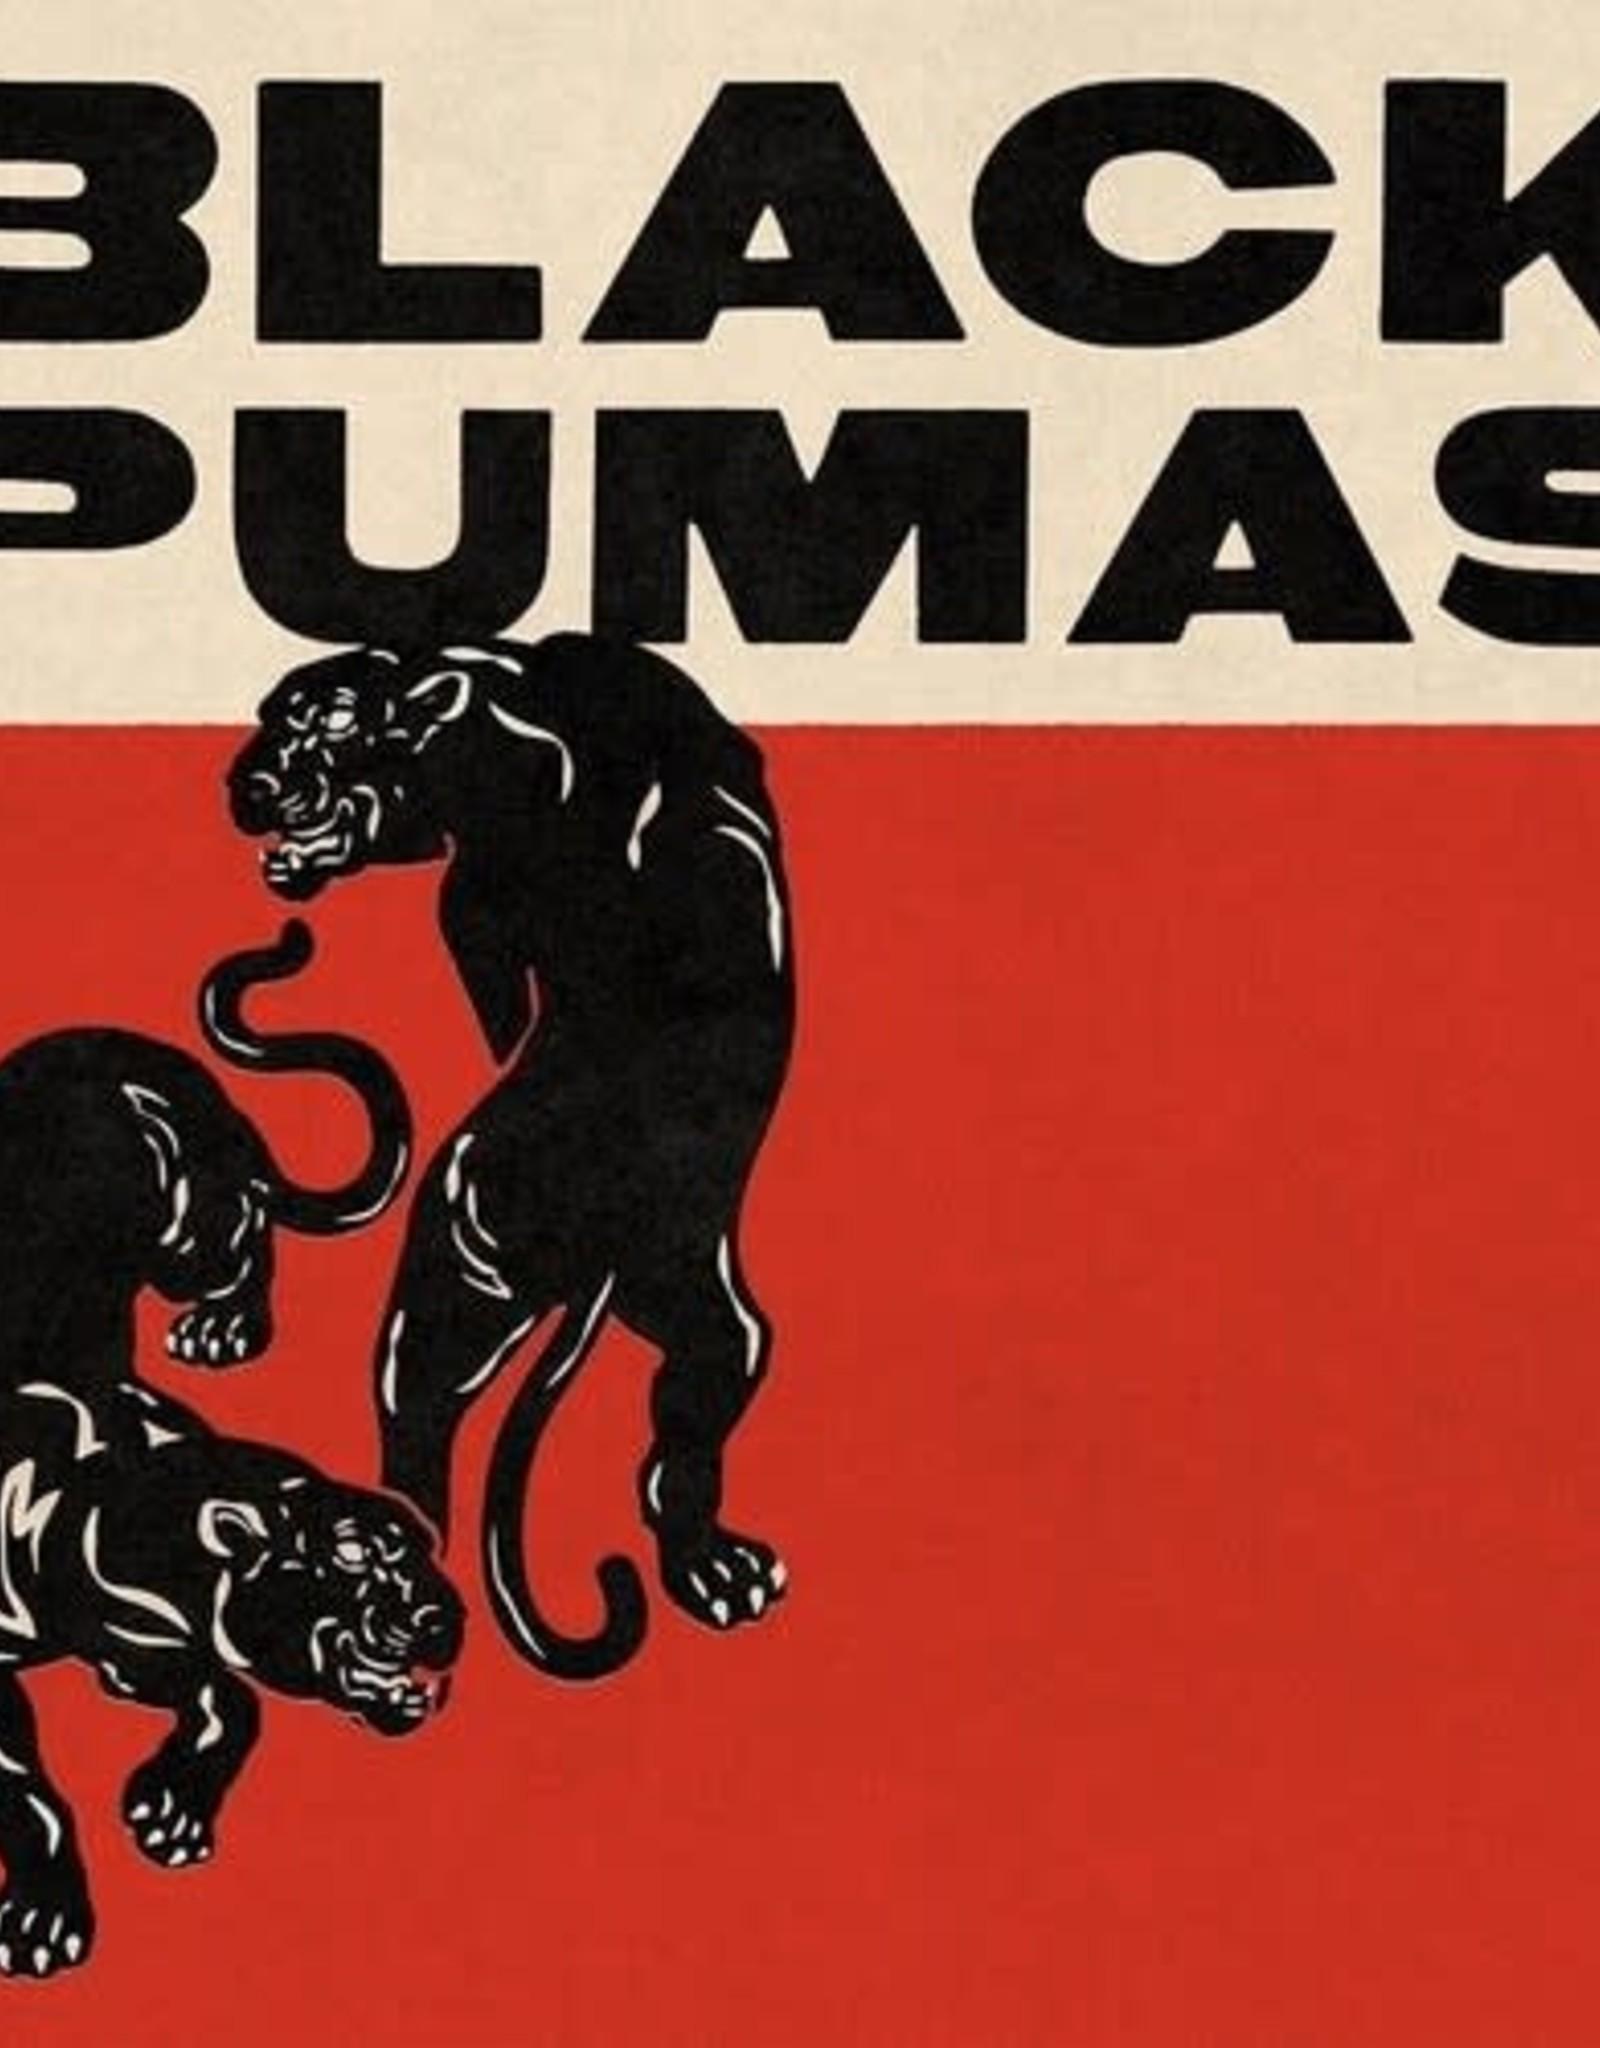 Black Pumas - Black Pumas (Deluxe Edition, Red & Black Vinyl)